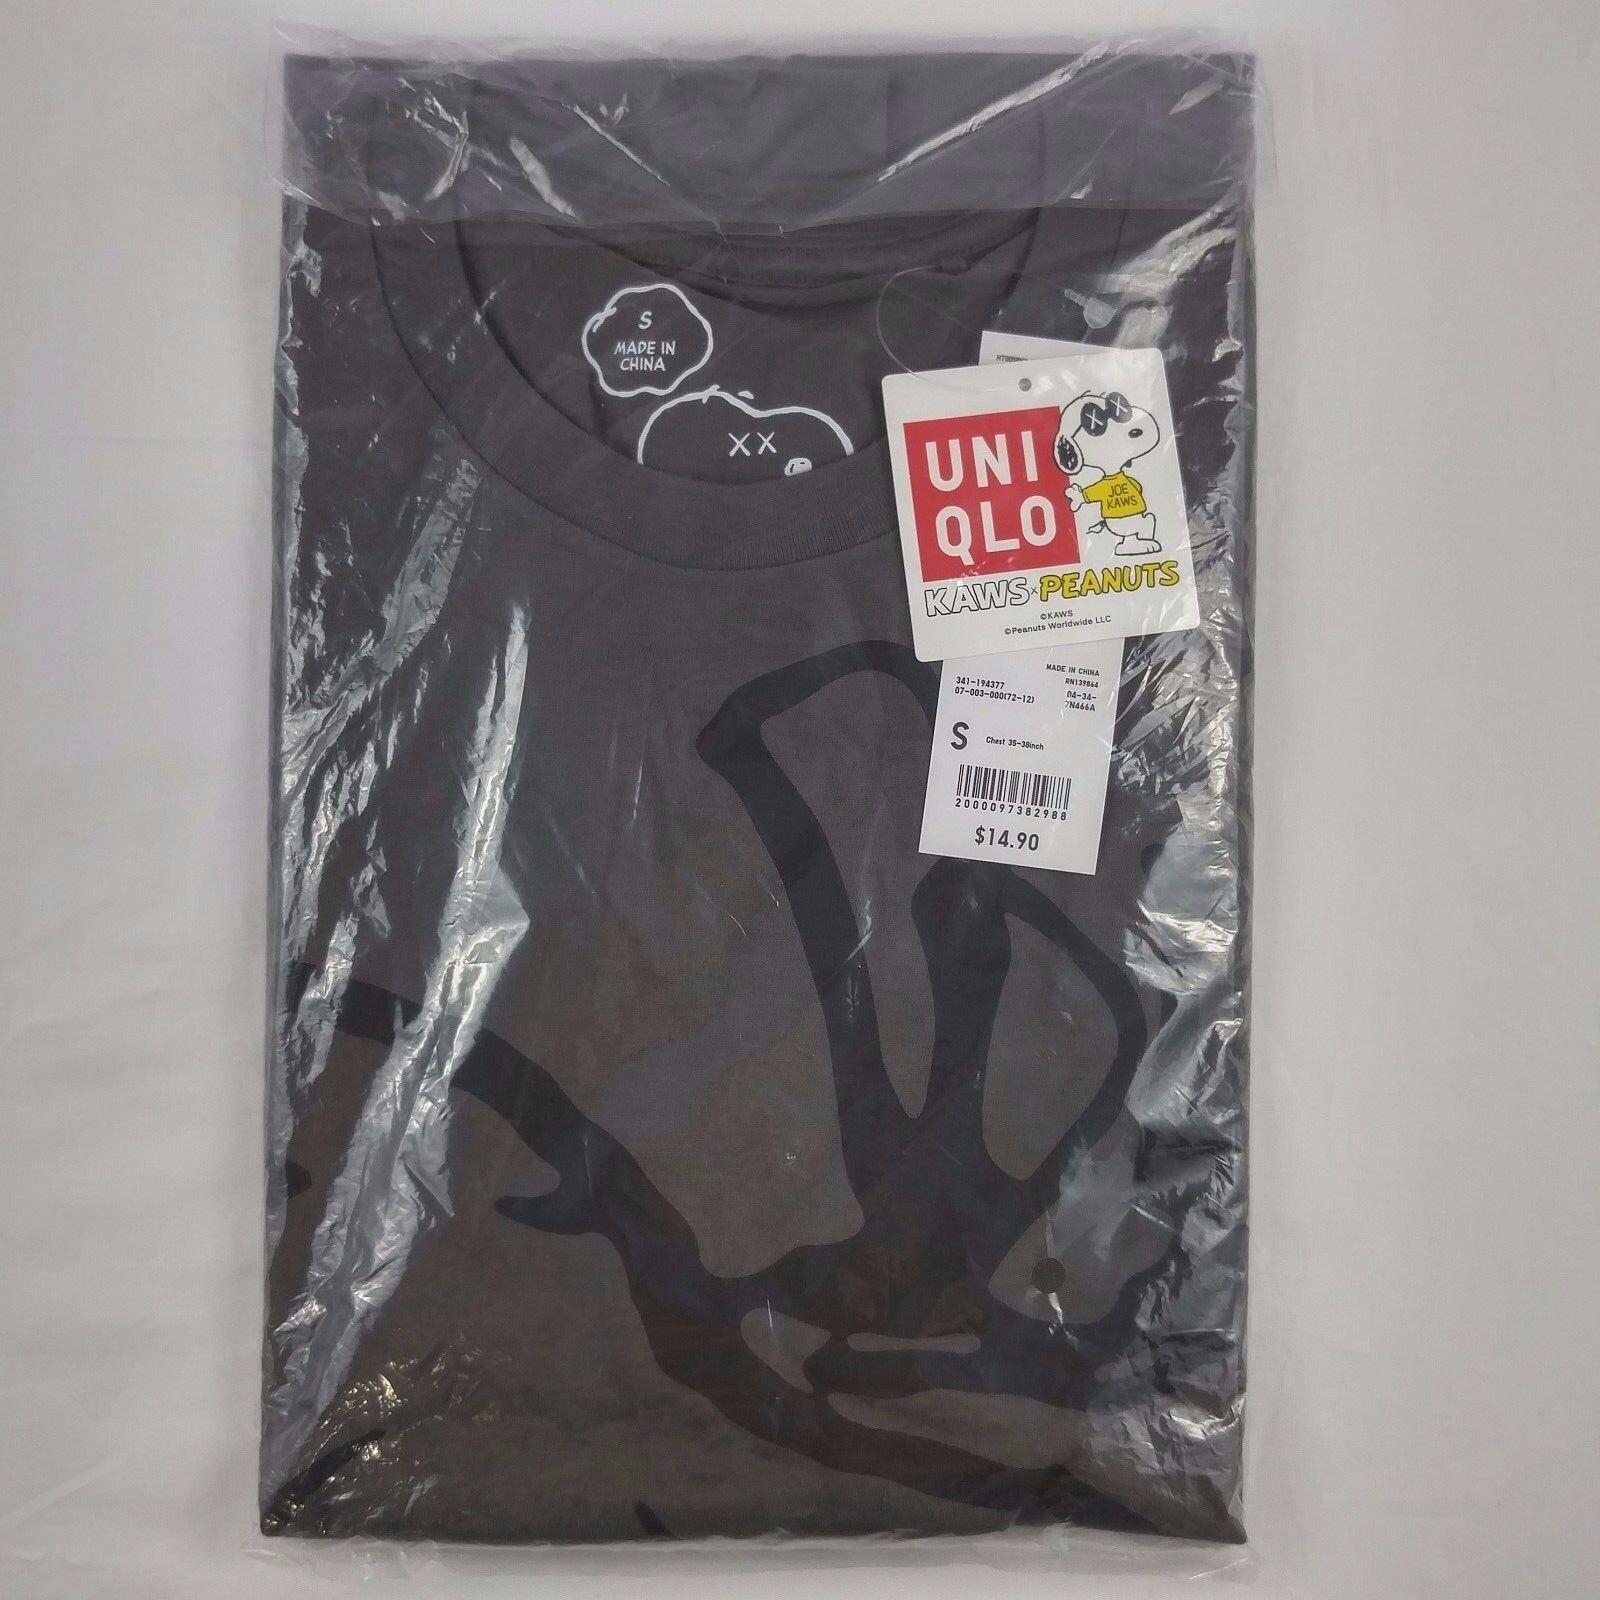 Uniqlo KAWS x Peanuts TEE Graphic T-Shirt grau Snoopy Größe S Small NWT XX Eyes